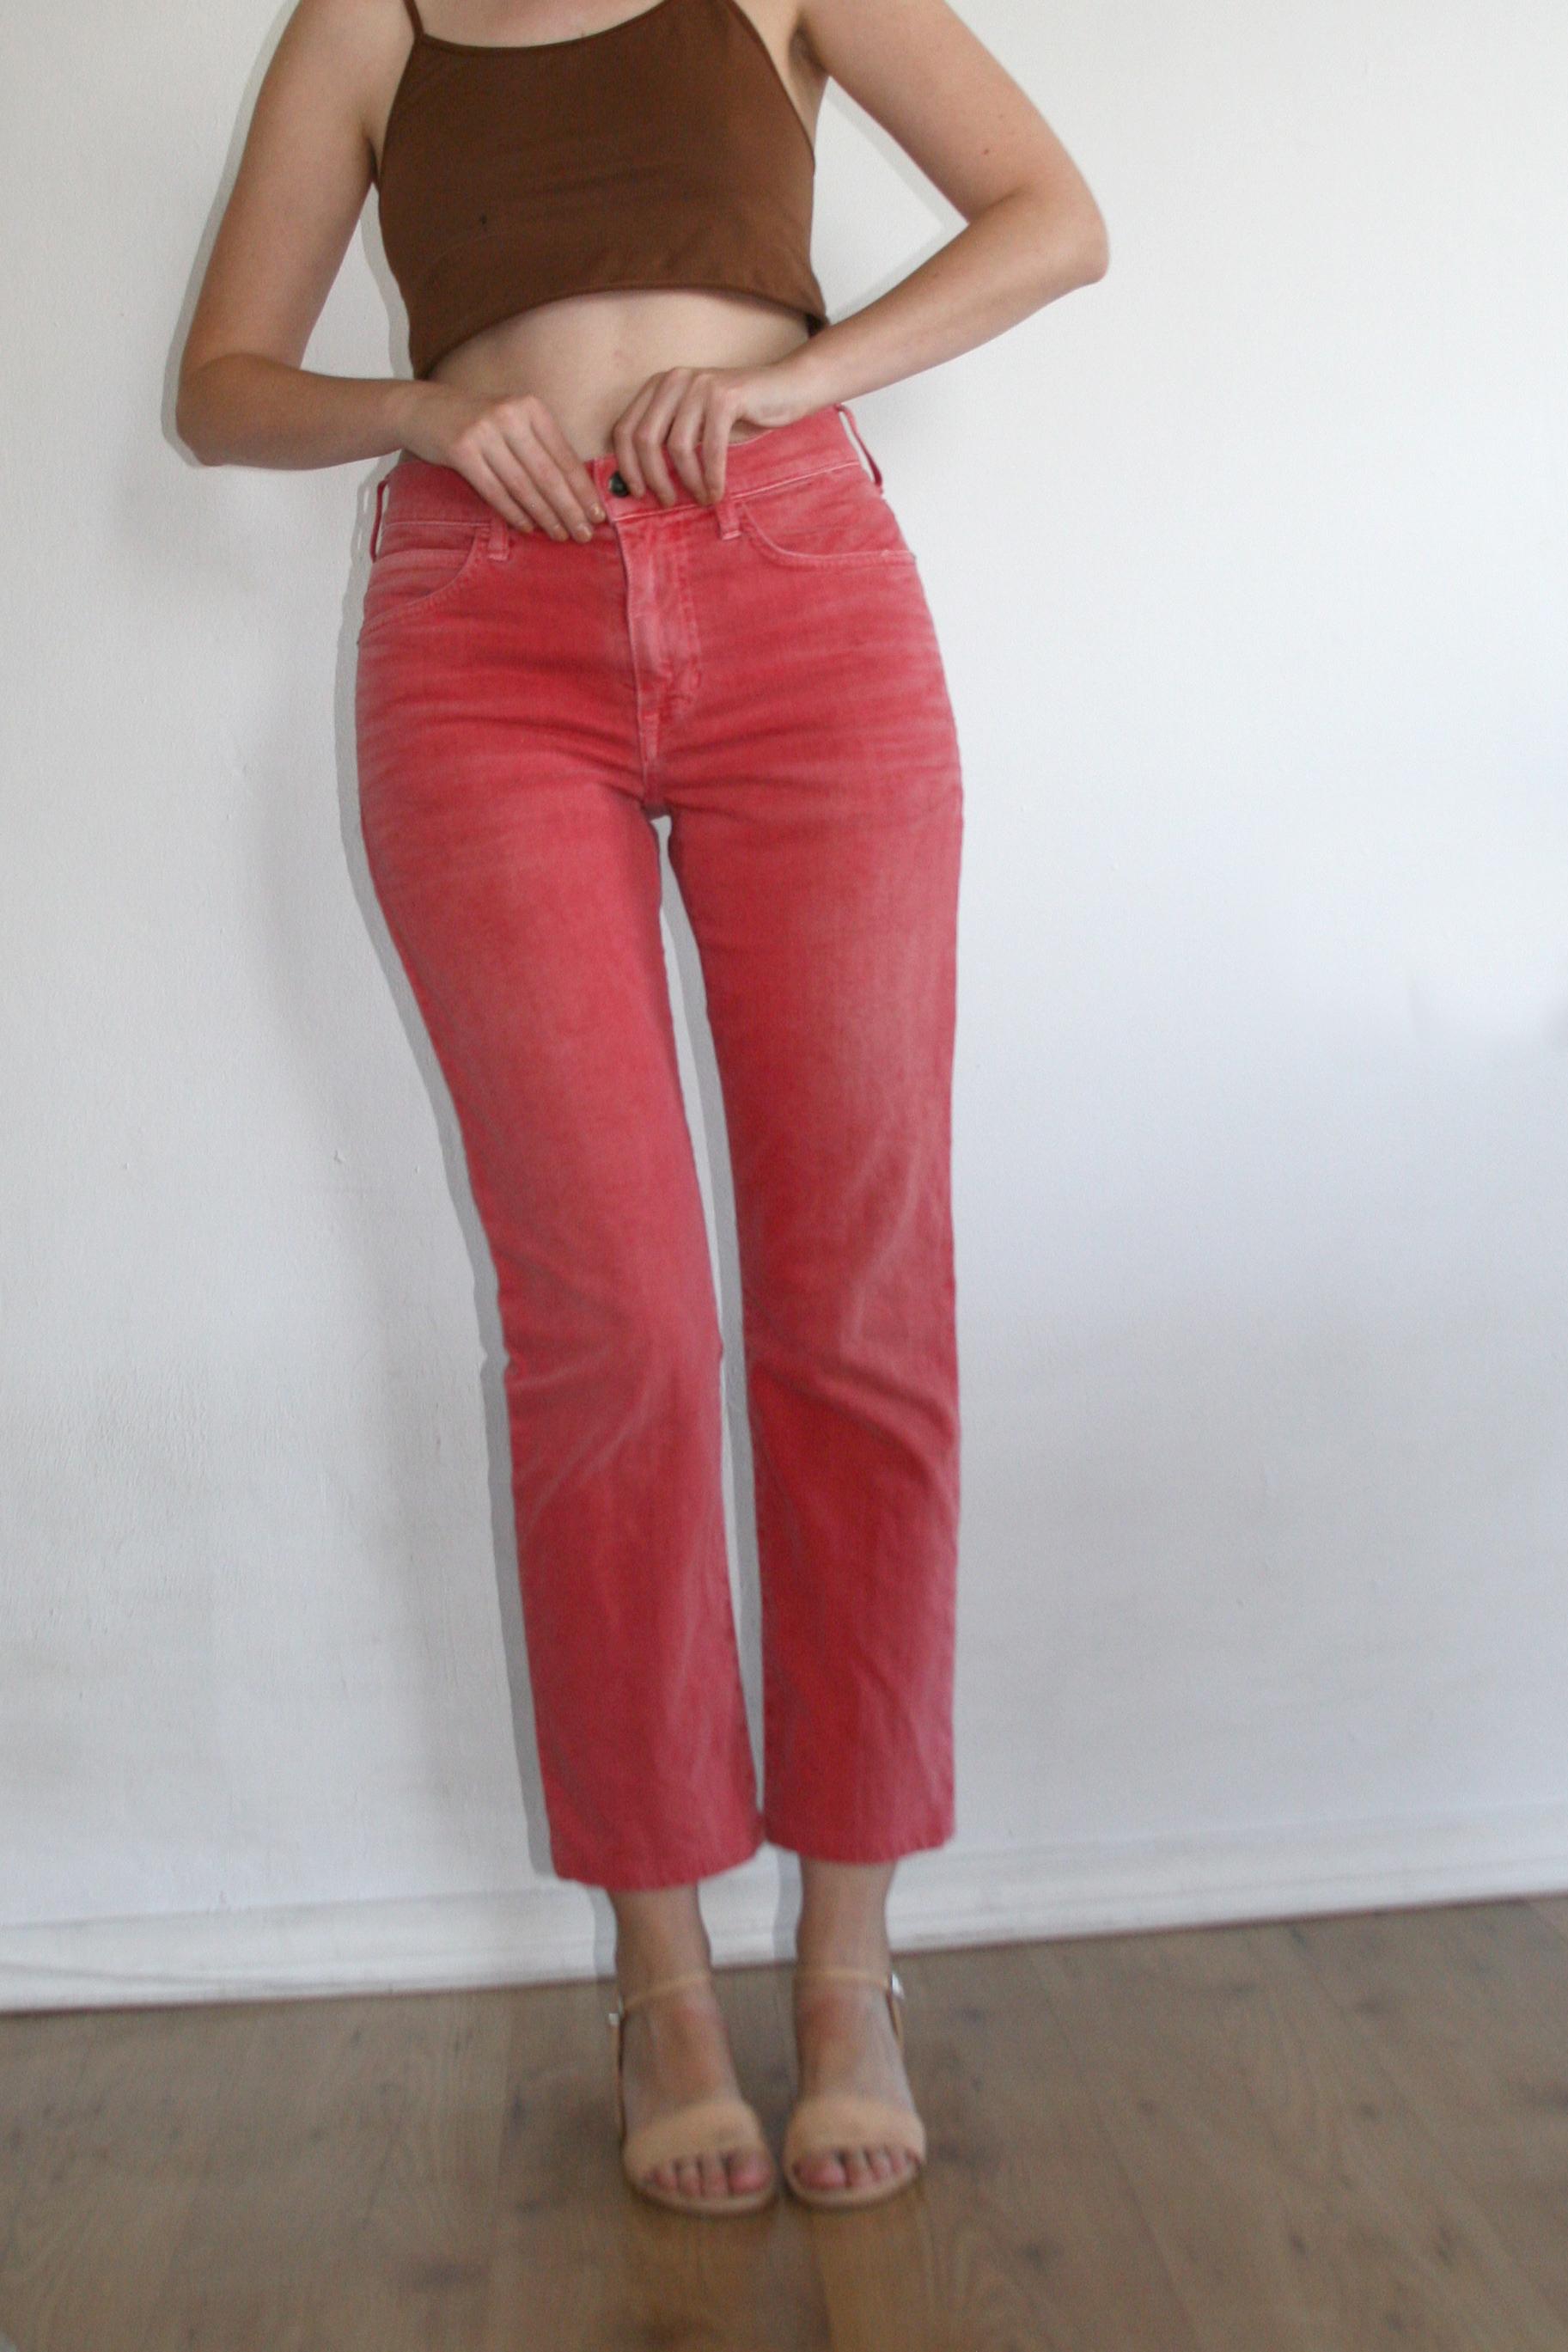 high waist jeans   $40.00